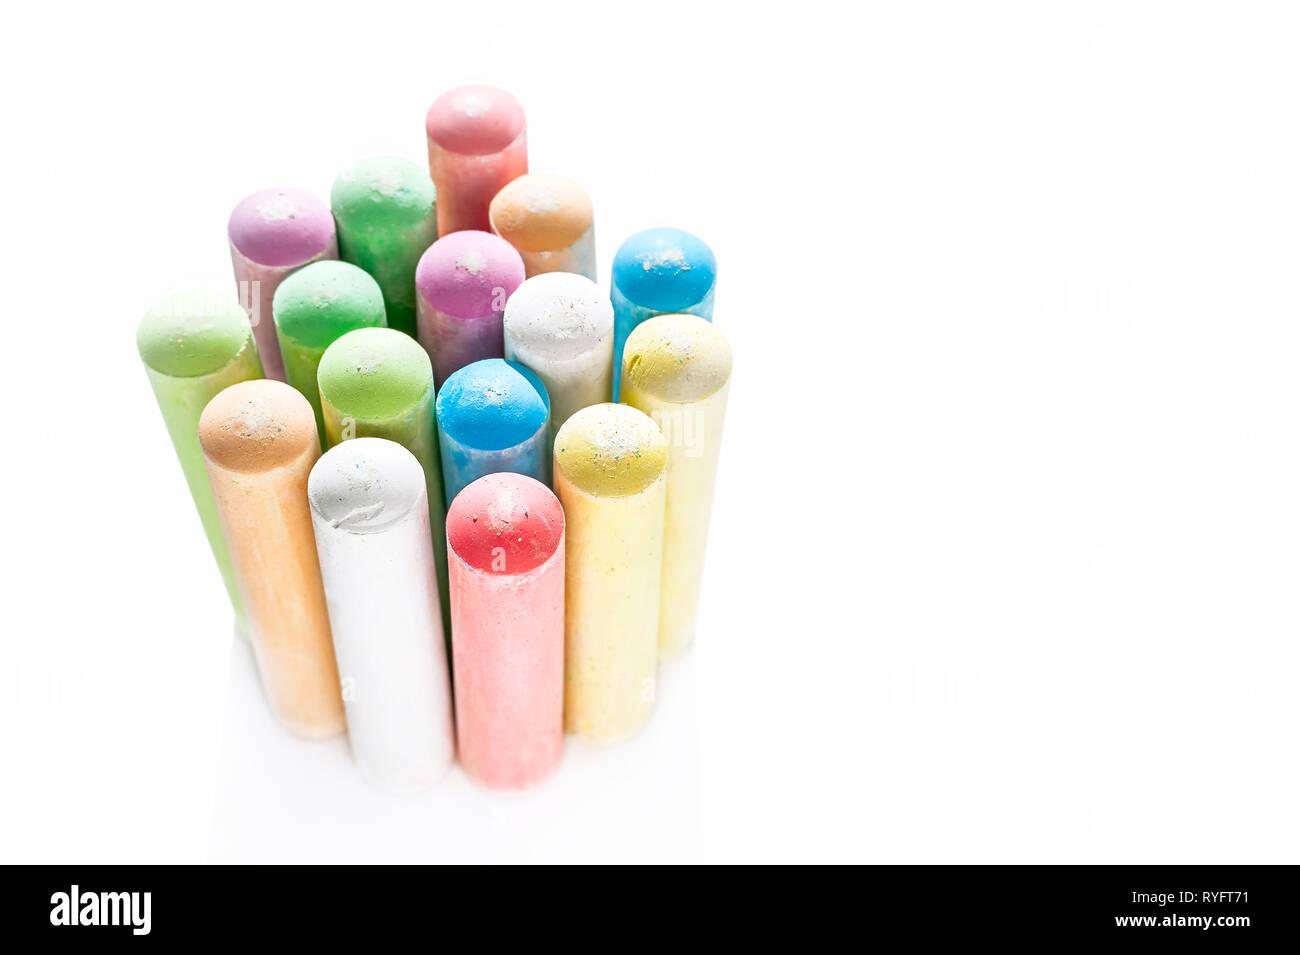 Jumbo Sidewalk Chalk, versch. Farben, Fett Tipps auf weißem Hintergrund. Von der Seite. Stockfoto